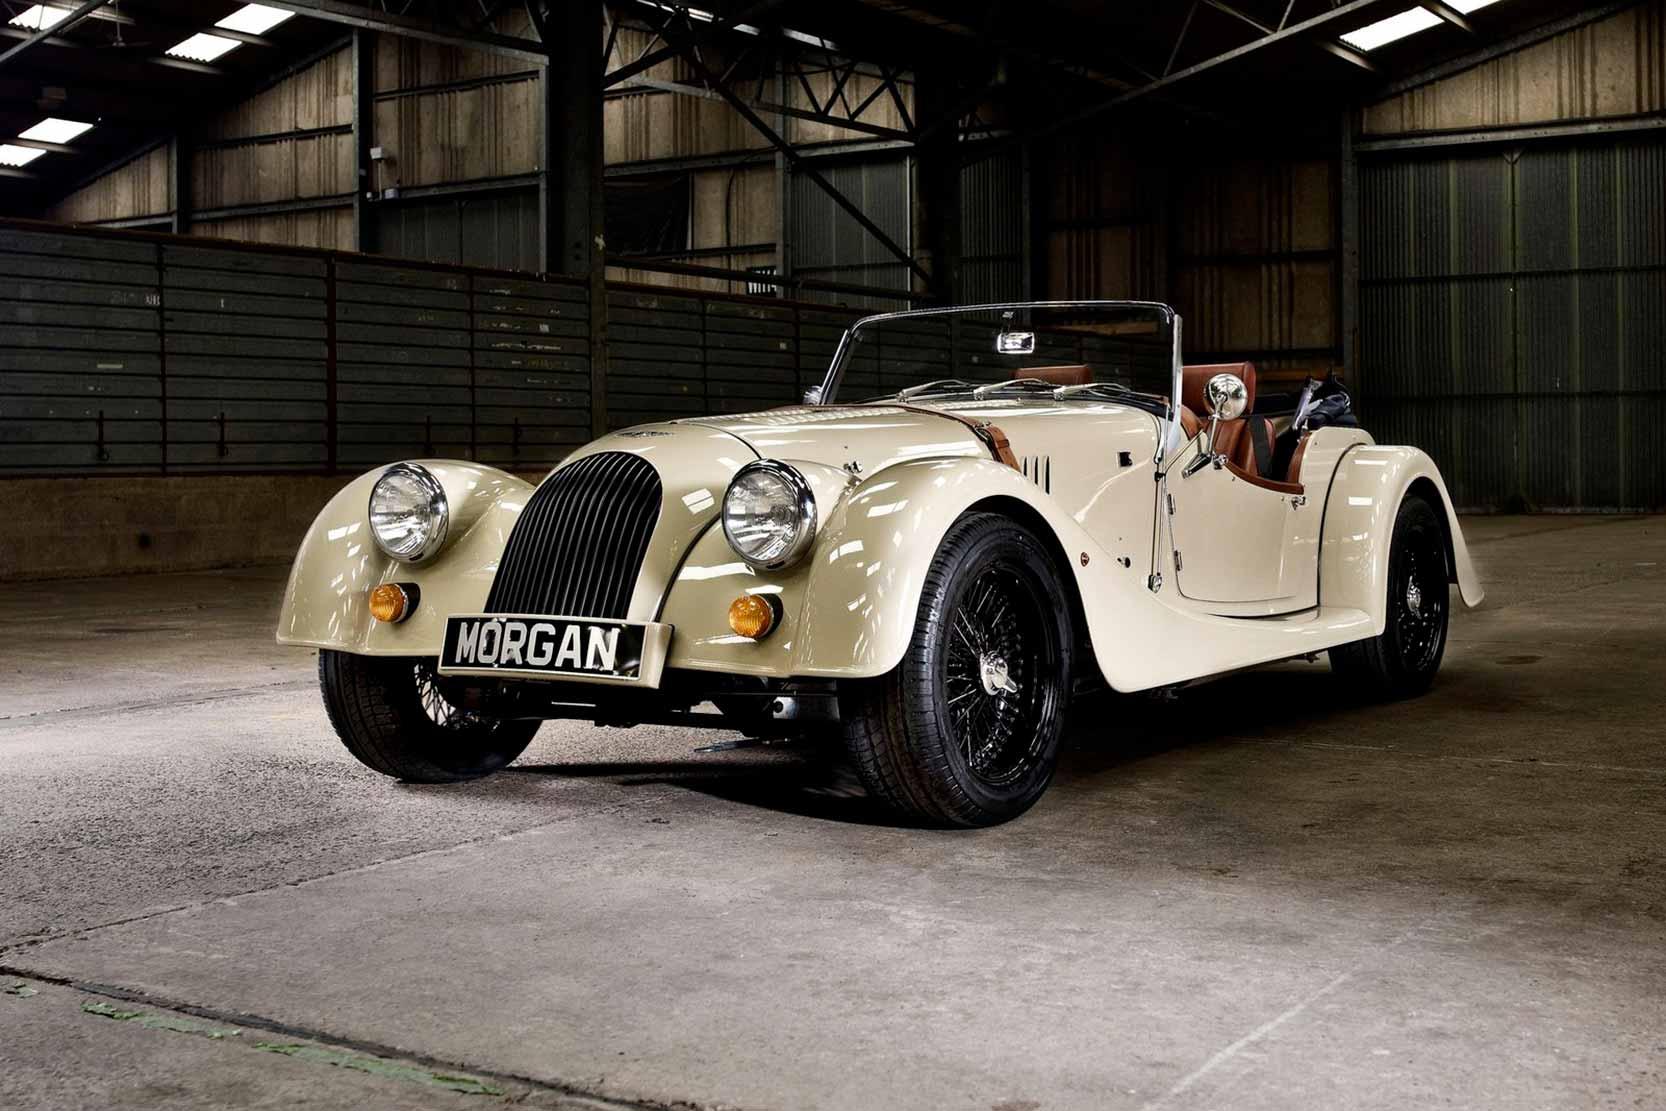 La Morgan Roadster, une voiture à l'ancienne